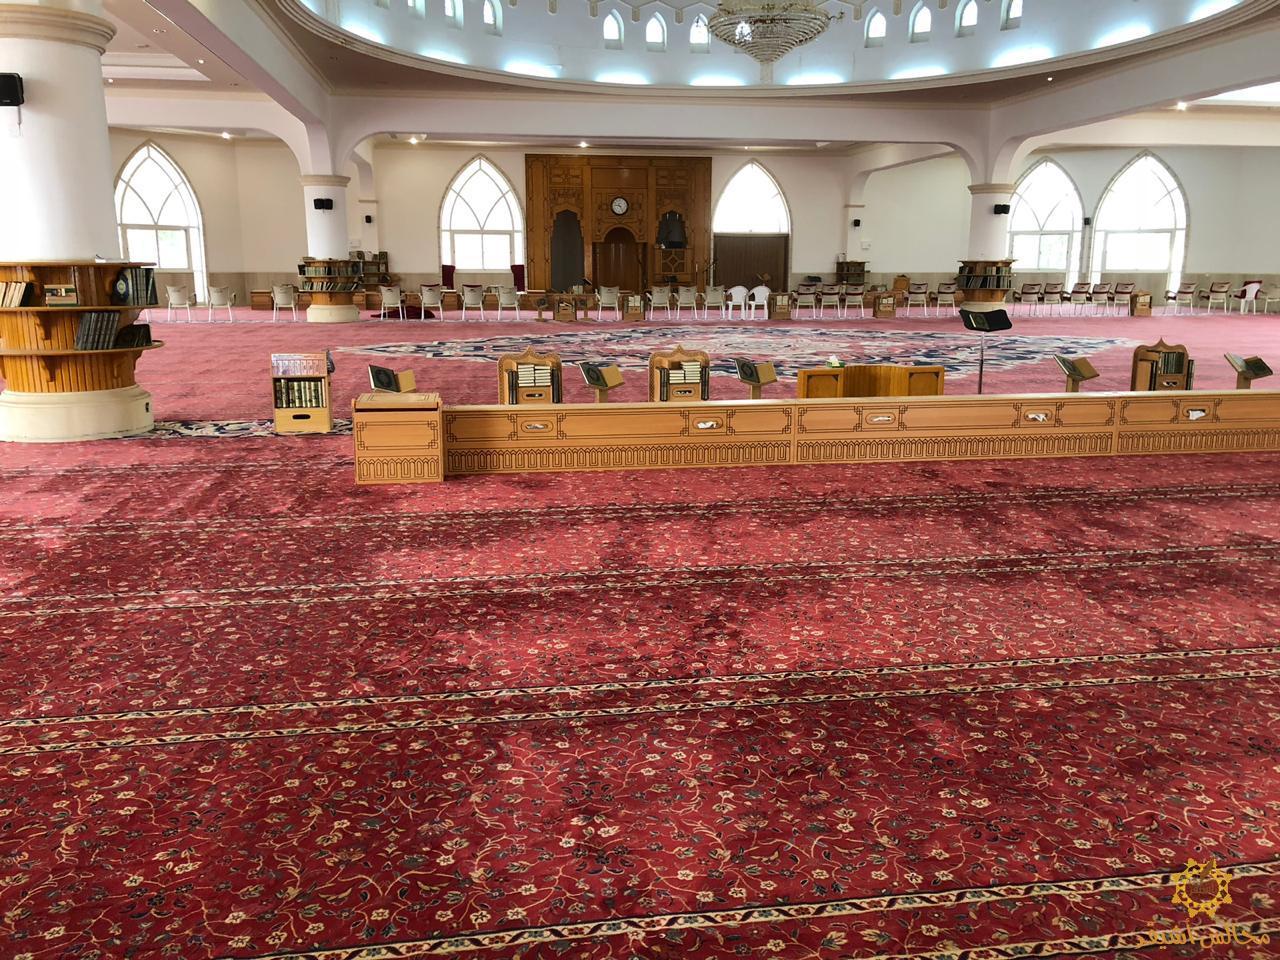 صورة جمعية أشيقر الخيرية تبادر بتنظيف وتعقيم المساجد ودورات المياه